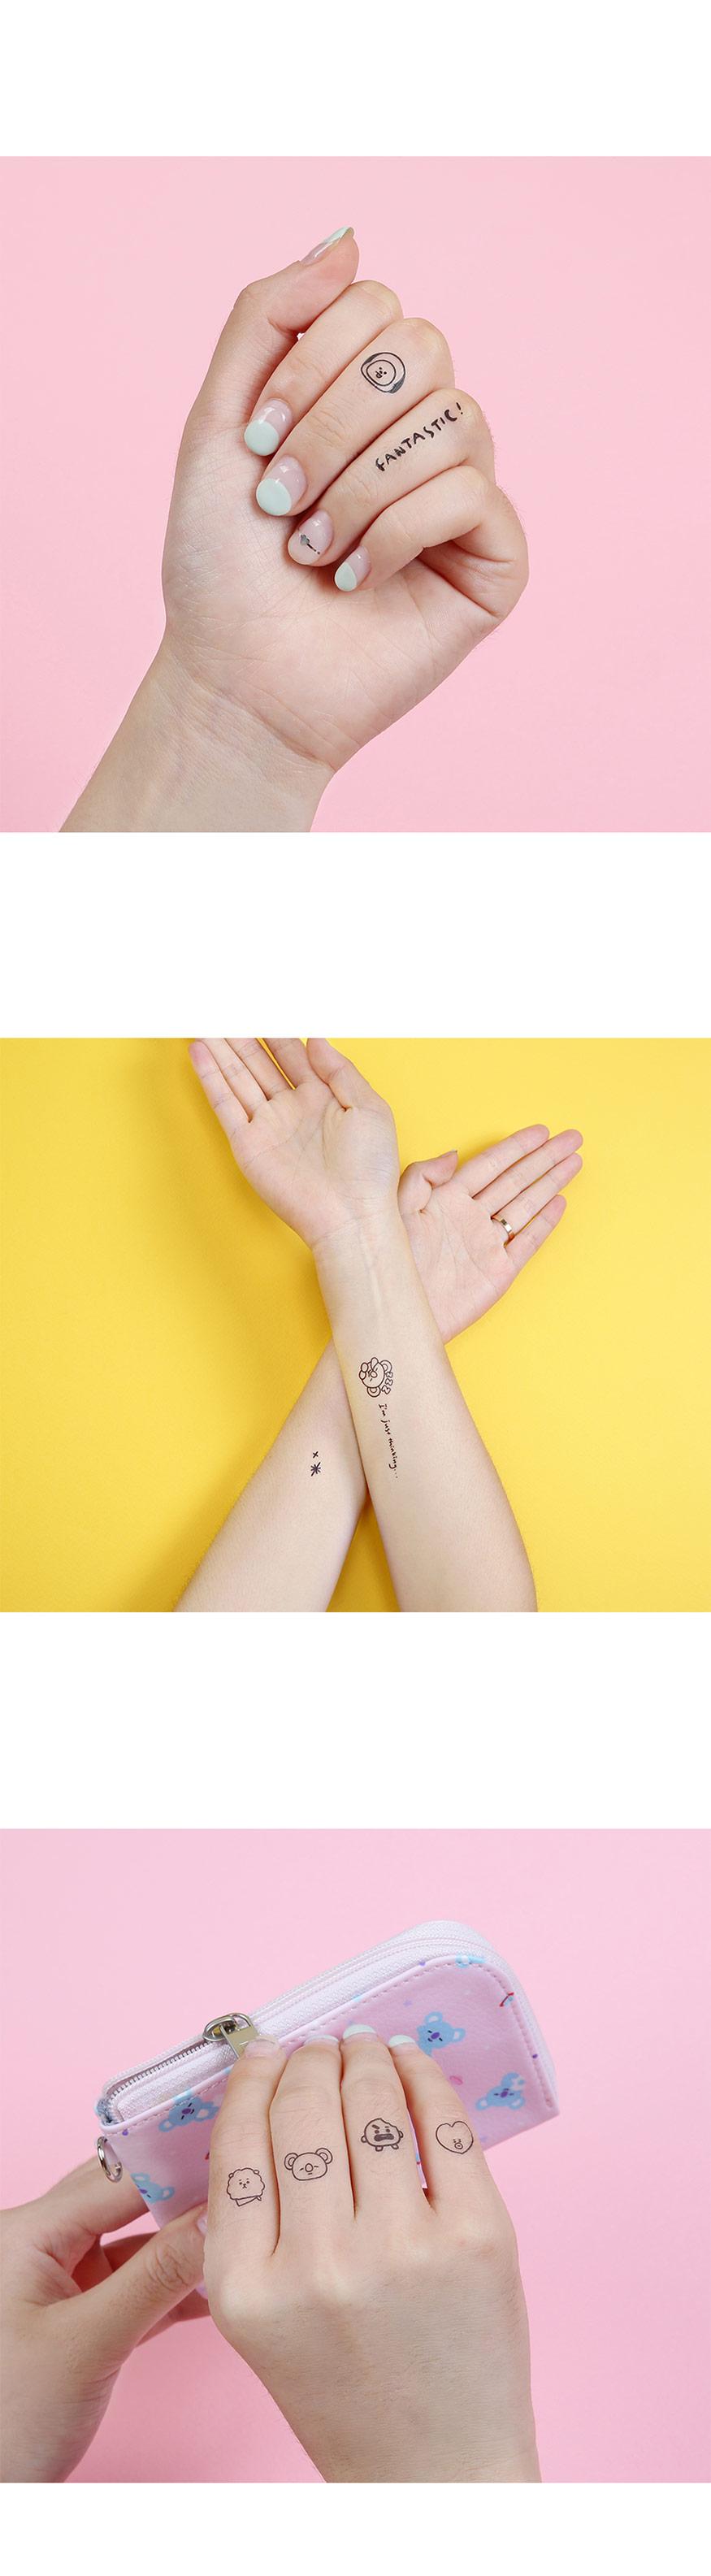 bt21_tattoo_sticker-4